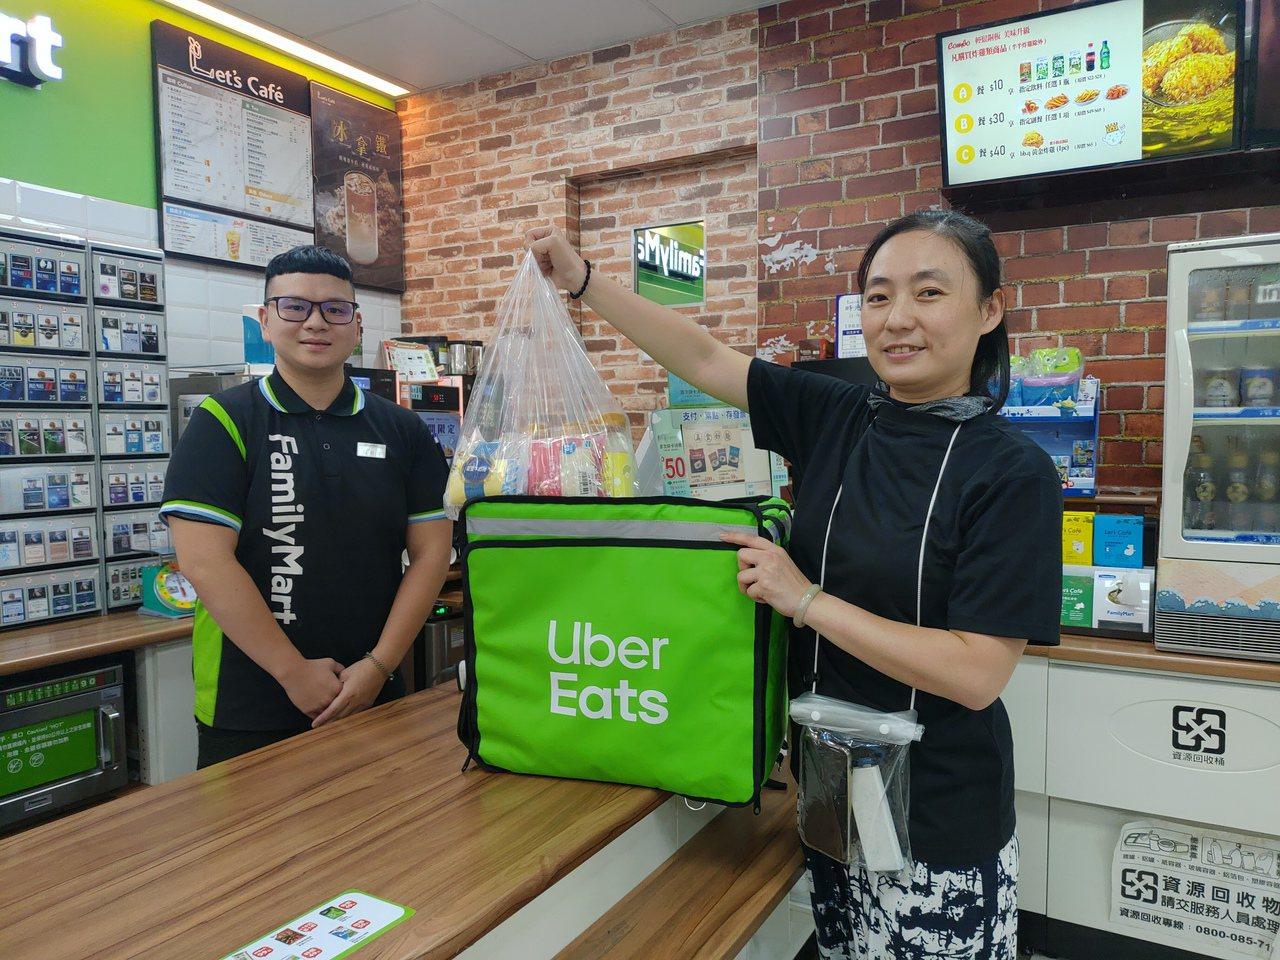 全家便利商店與Uber Eats 合作,擴大外送服務範圍至雙北市,9月25日起即...